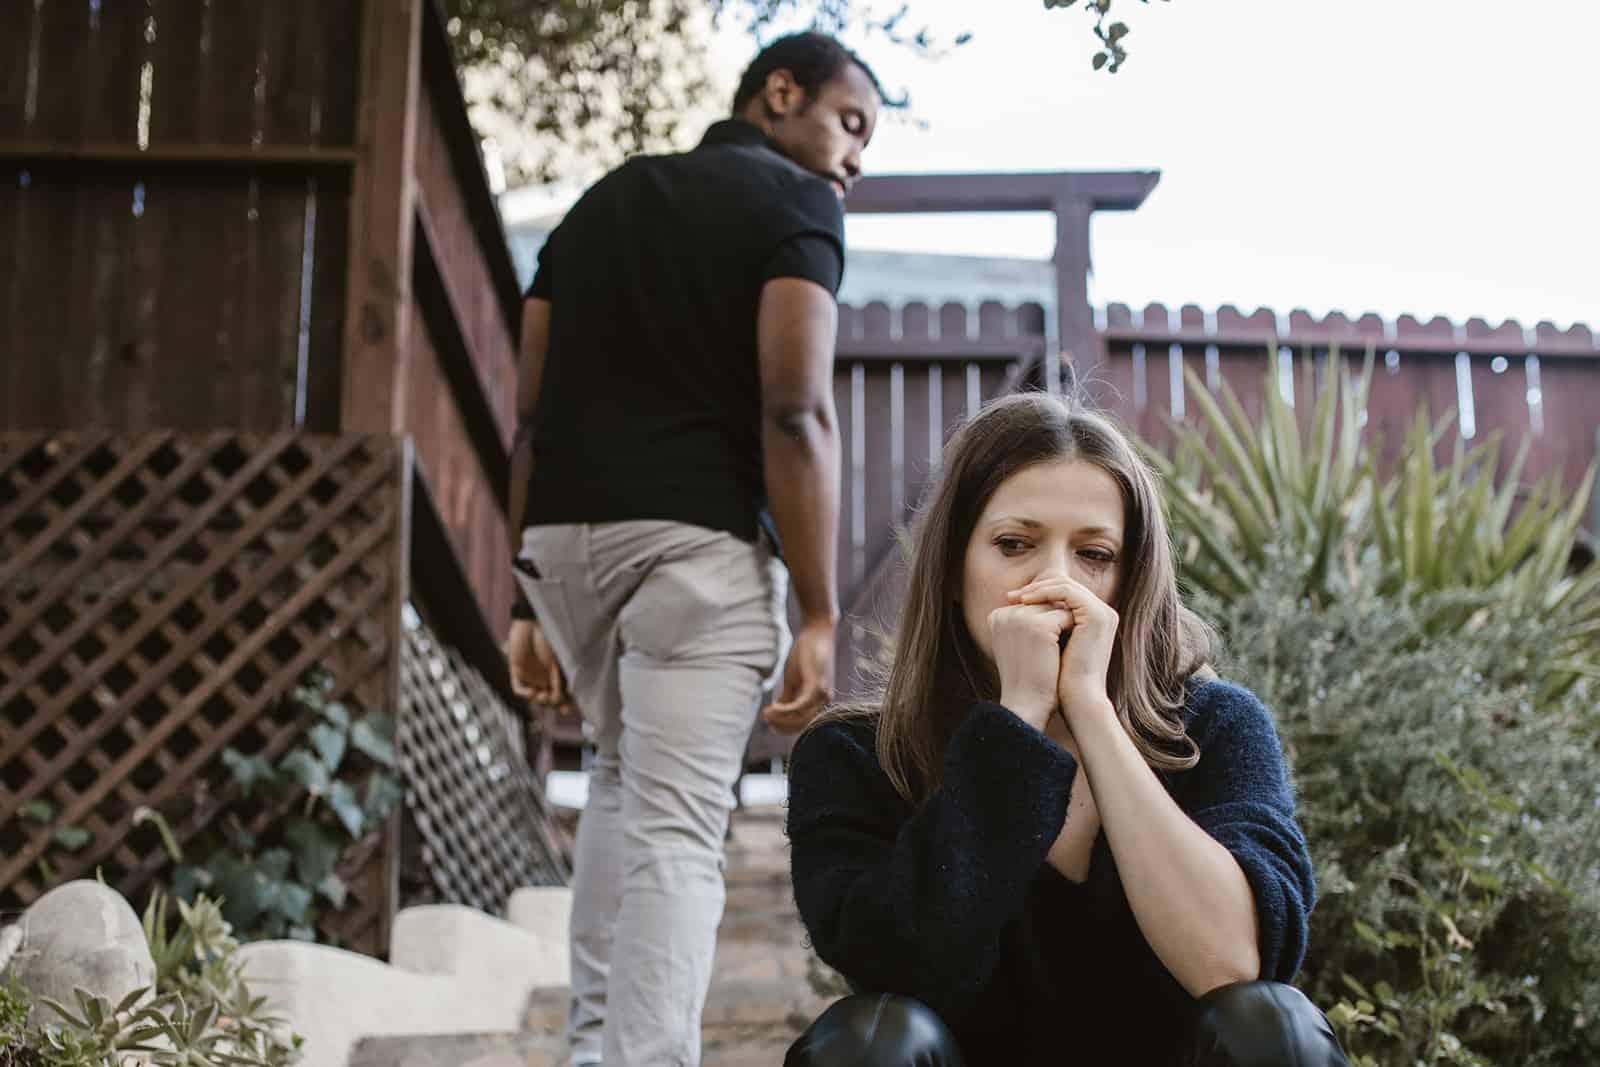 traurige Frau, die auf der Treppe sitzt, während ein Mann sie verlässt